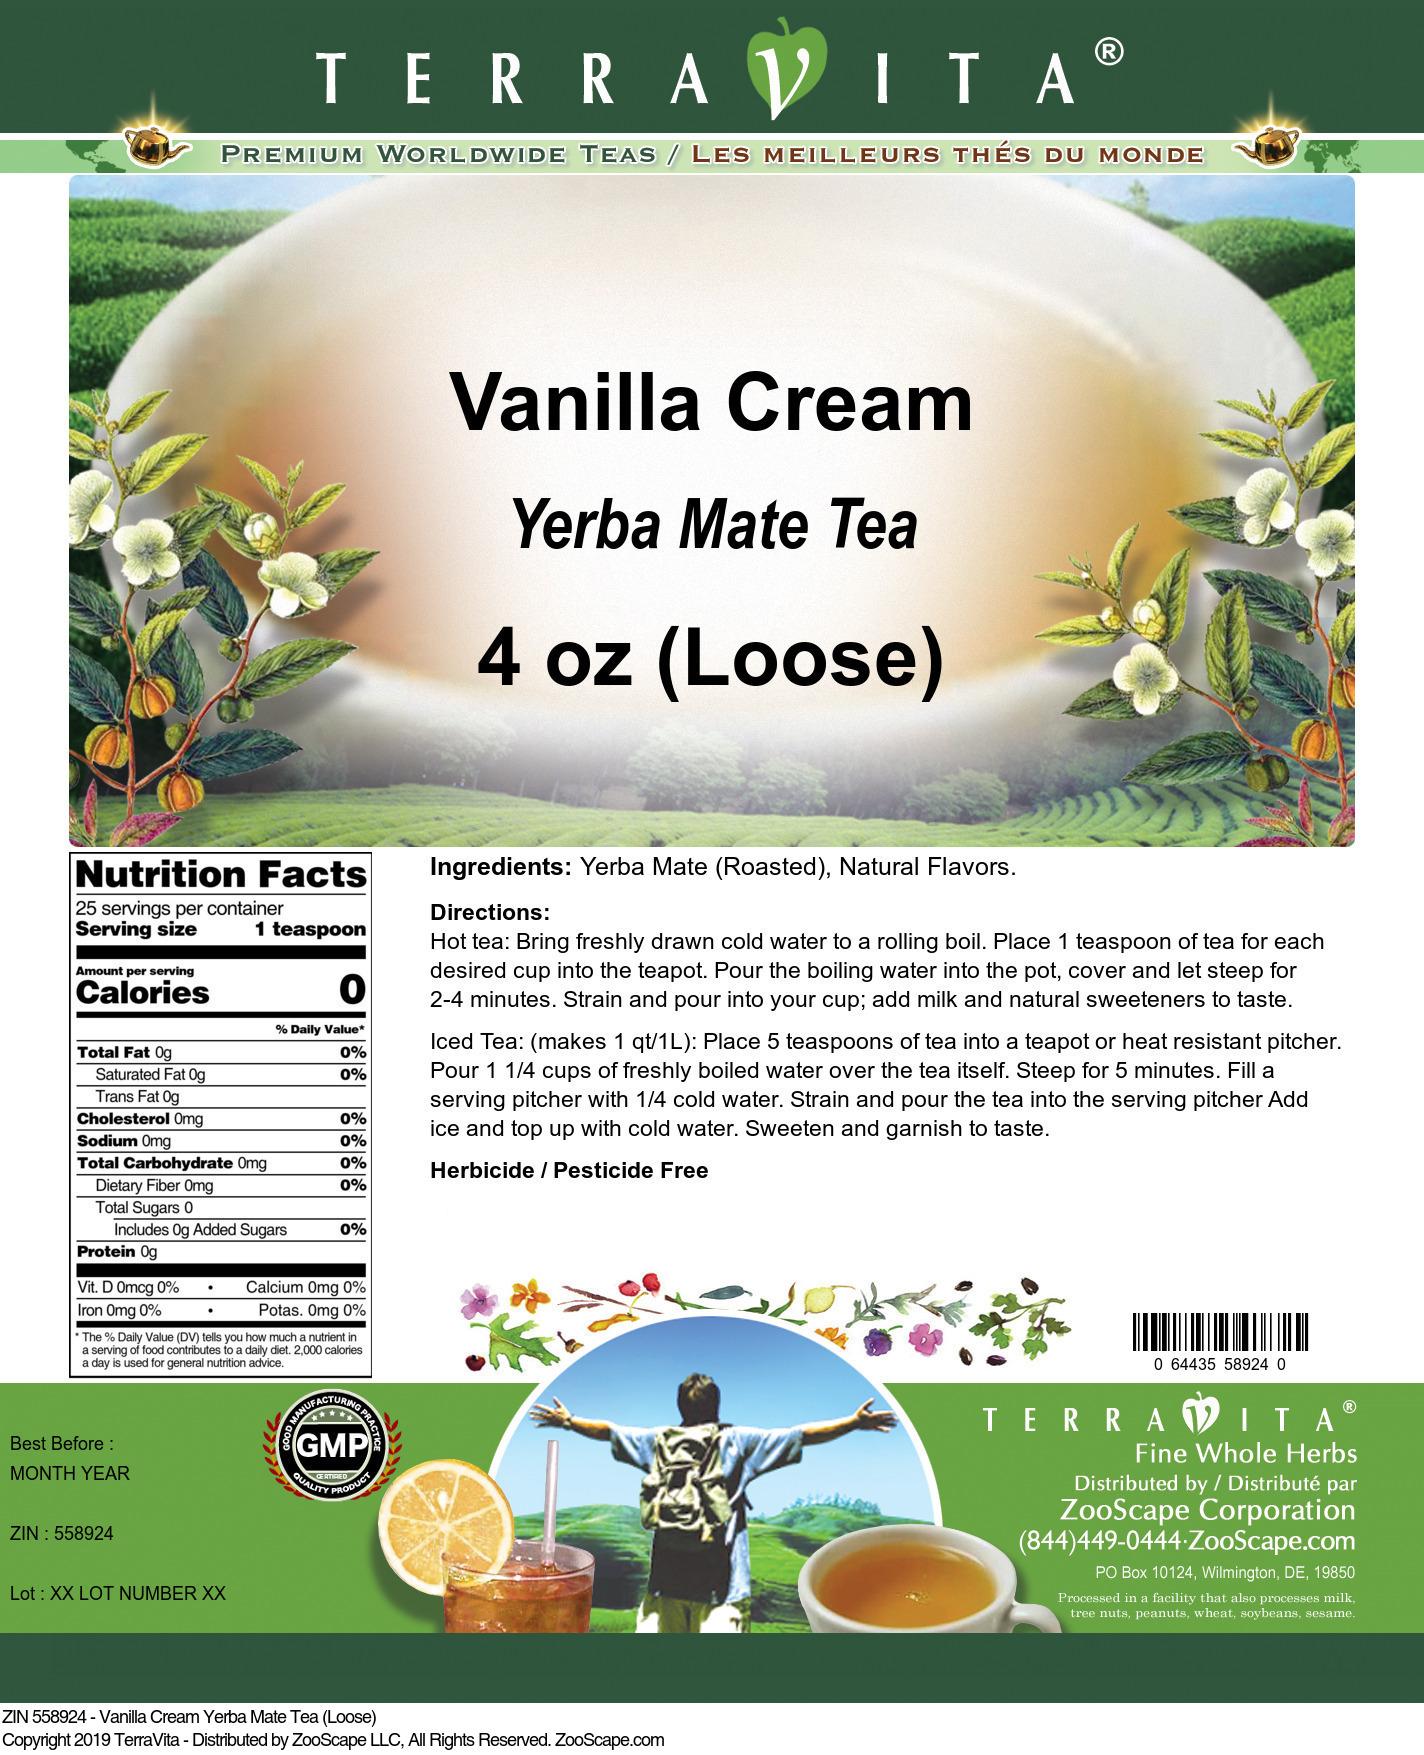 Vanilla Cream Yerba Mate